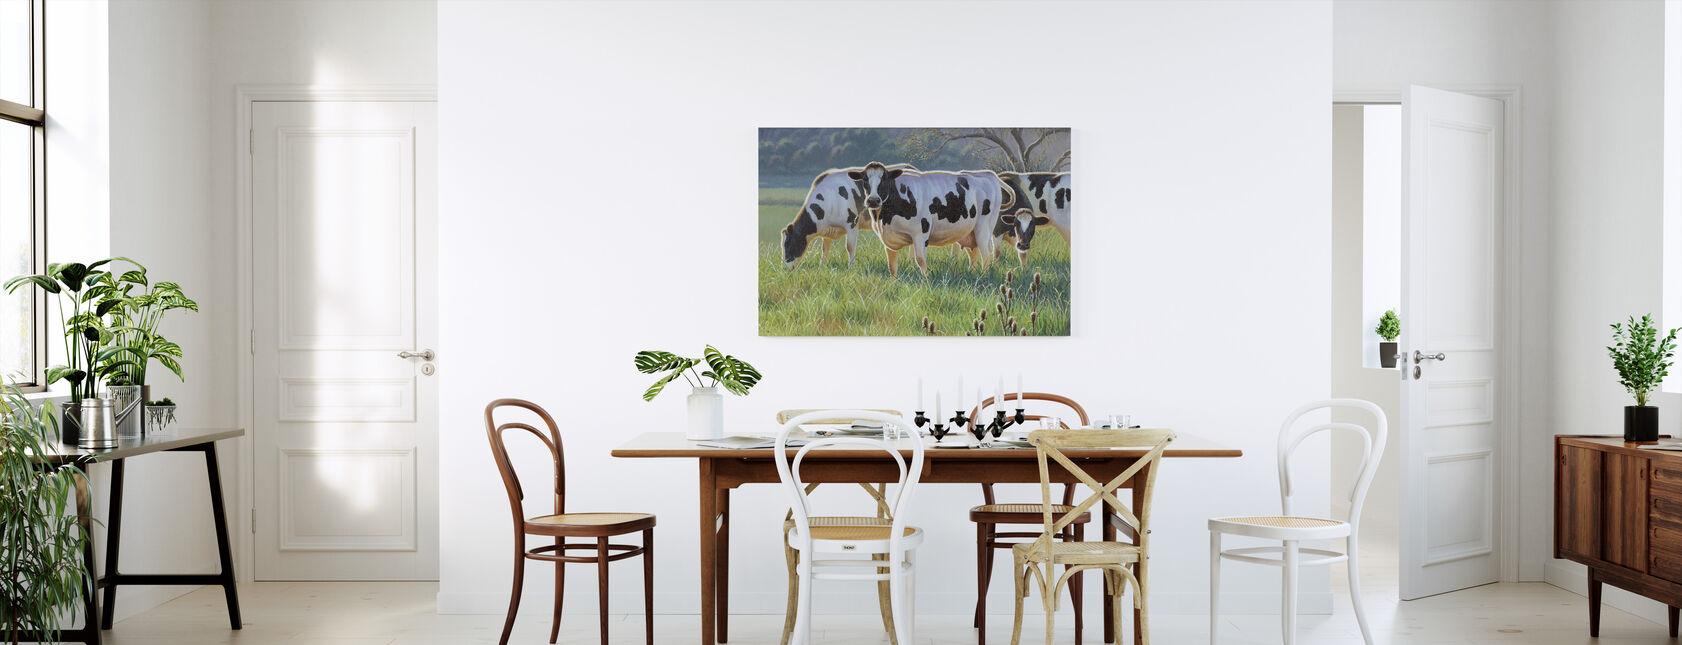 Lehmiä - Canvastaulu - Keittiö